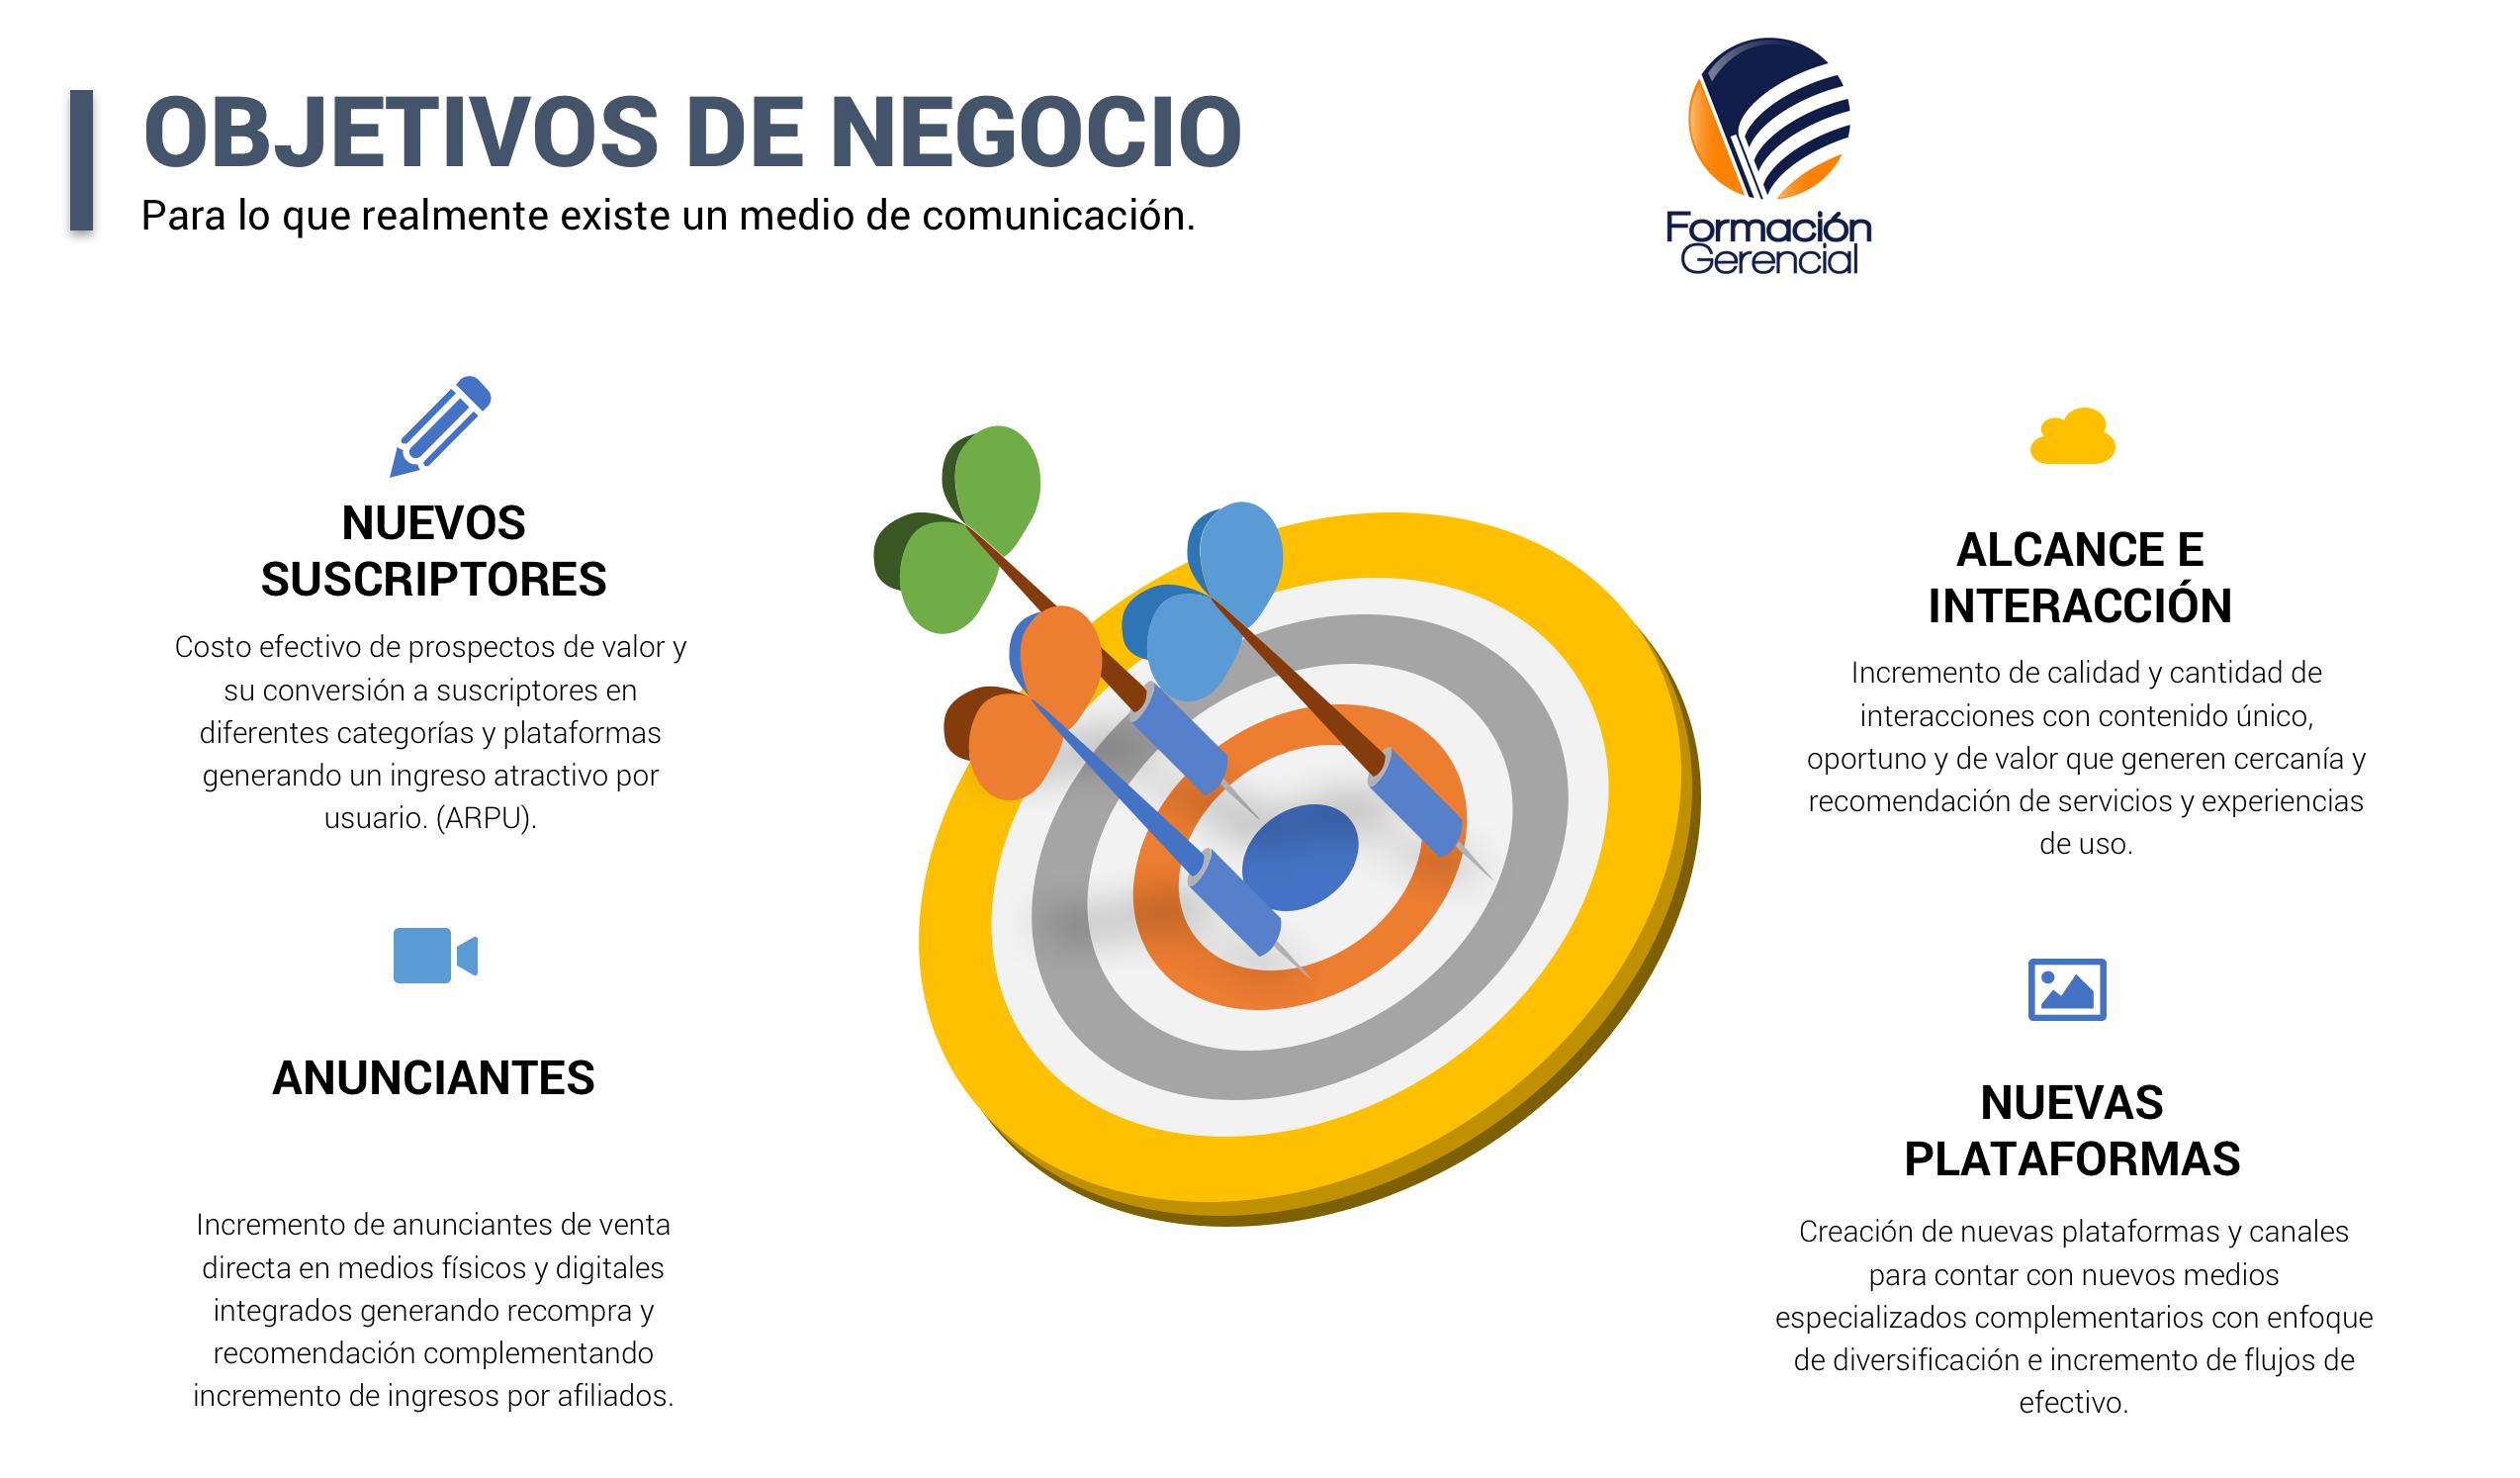 Objetivos Medios de Comunicación - Medios de comunicación en Ecuador